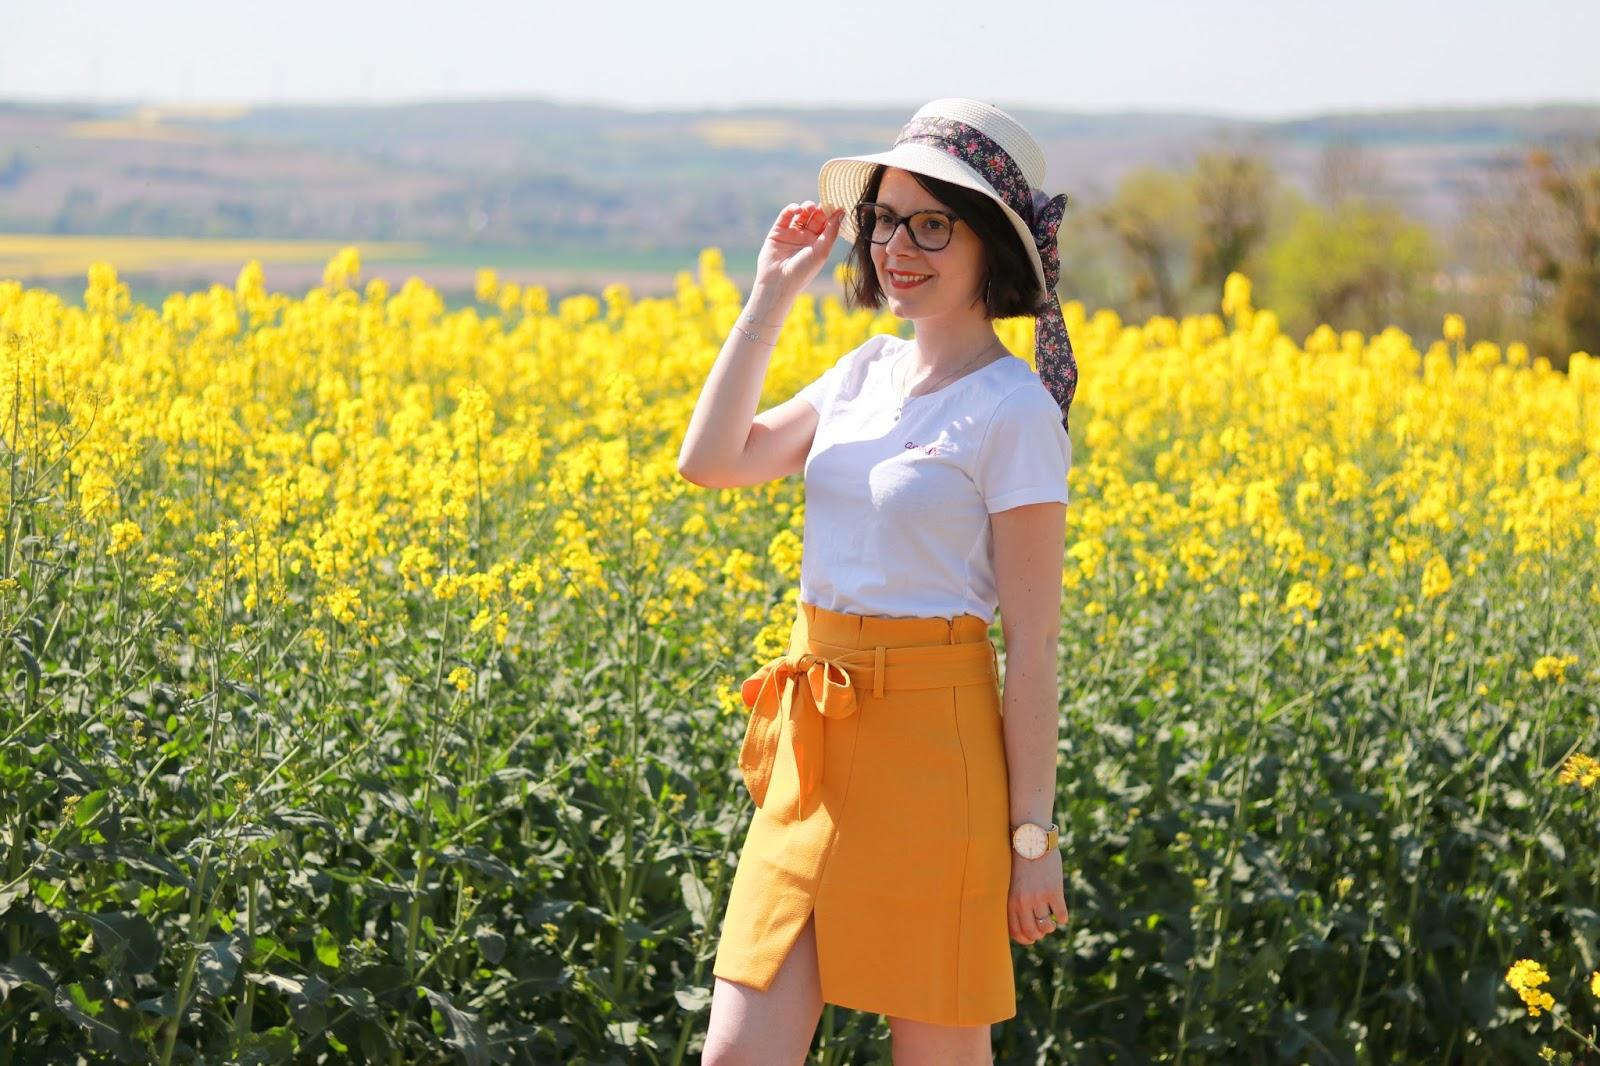 champ colza ambassadeurparly2 morgan de toi jupe printemps wooop look ootd tenue chapeau de paille les gommettes de melo